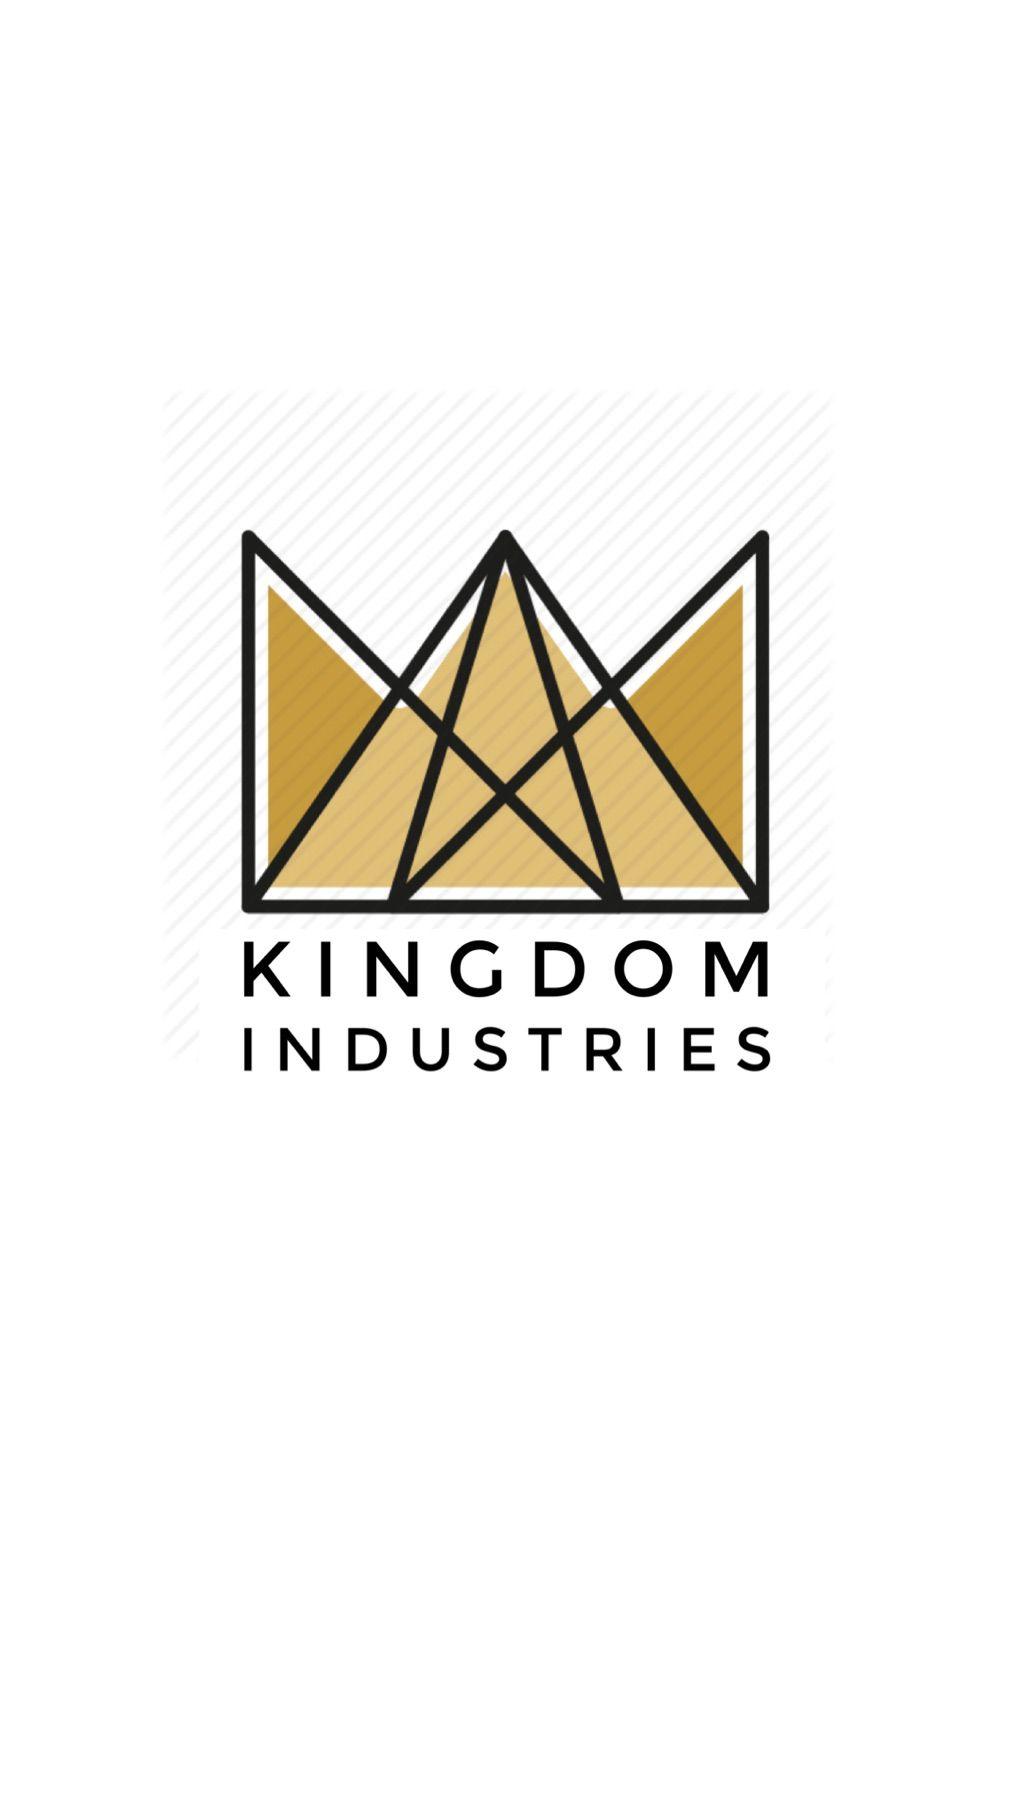 Kingdom Industries